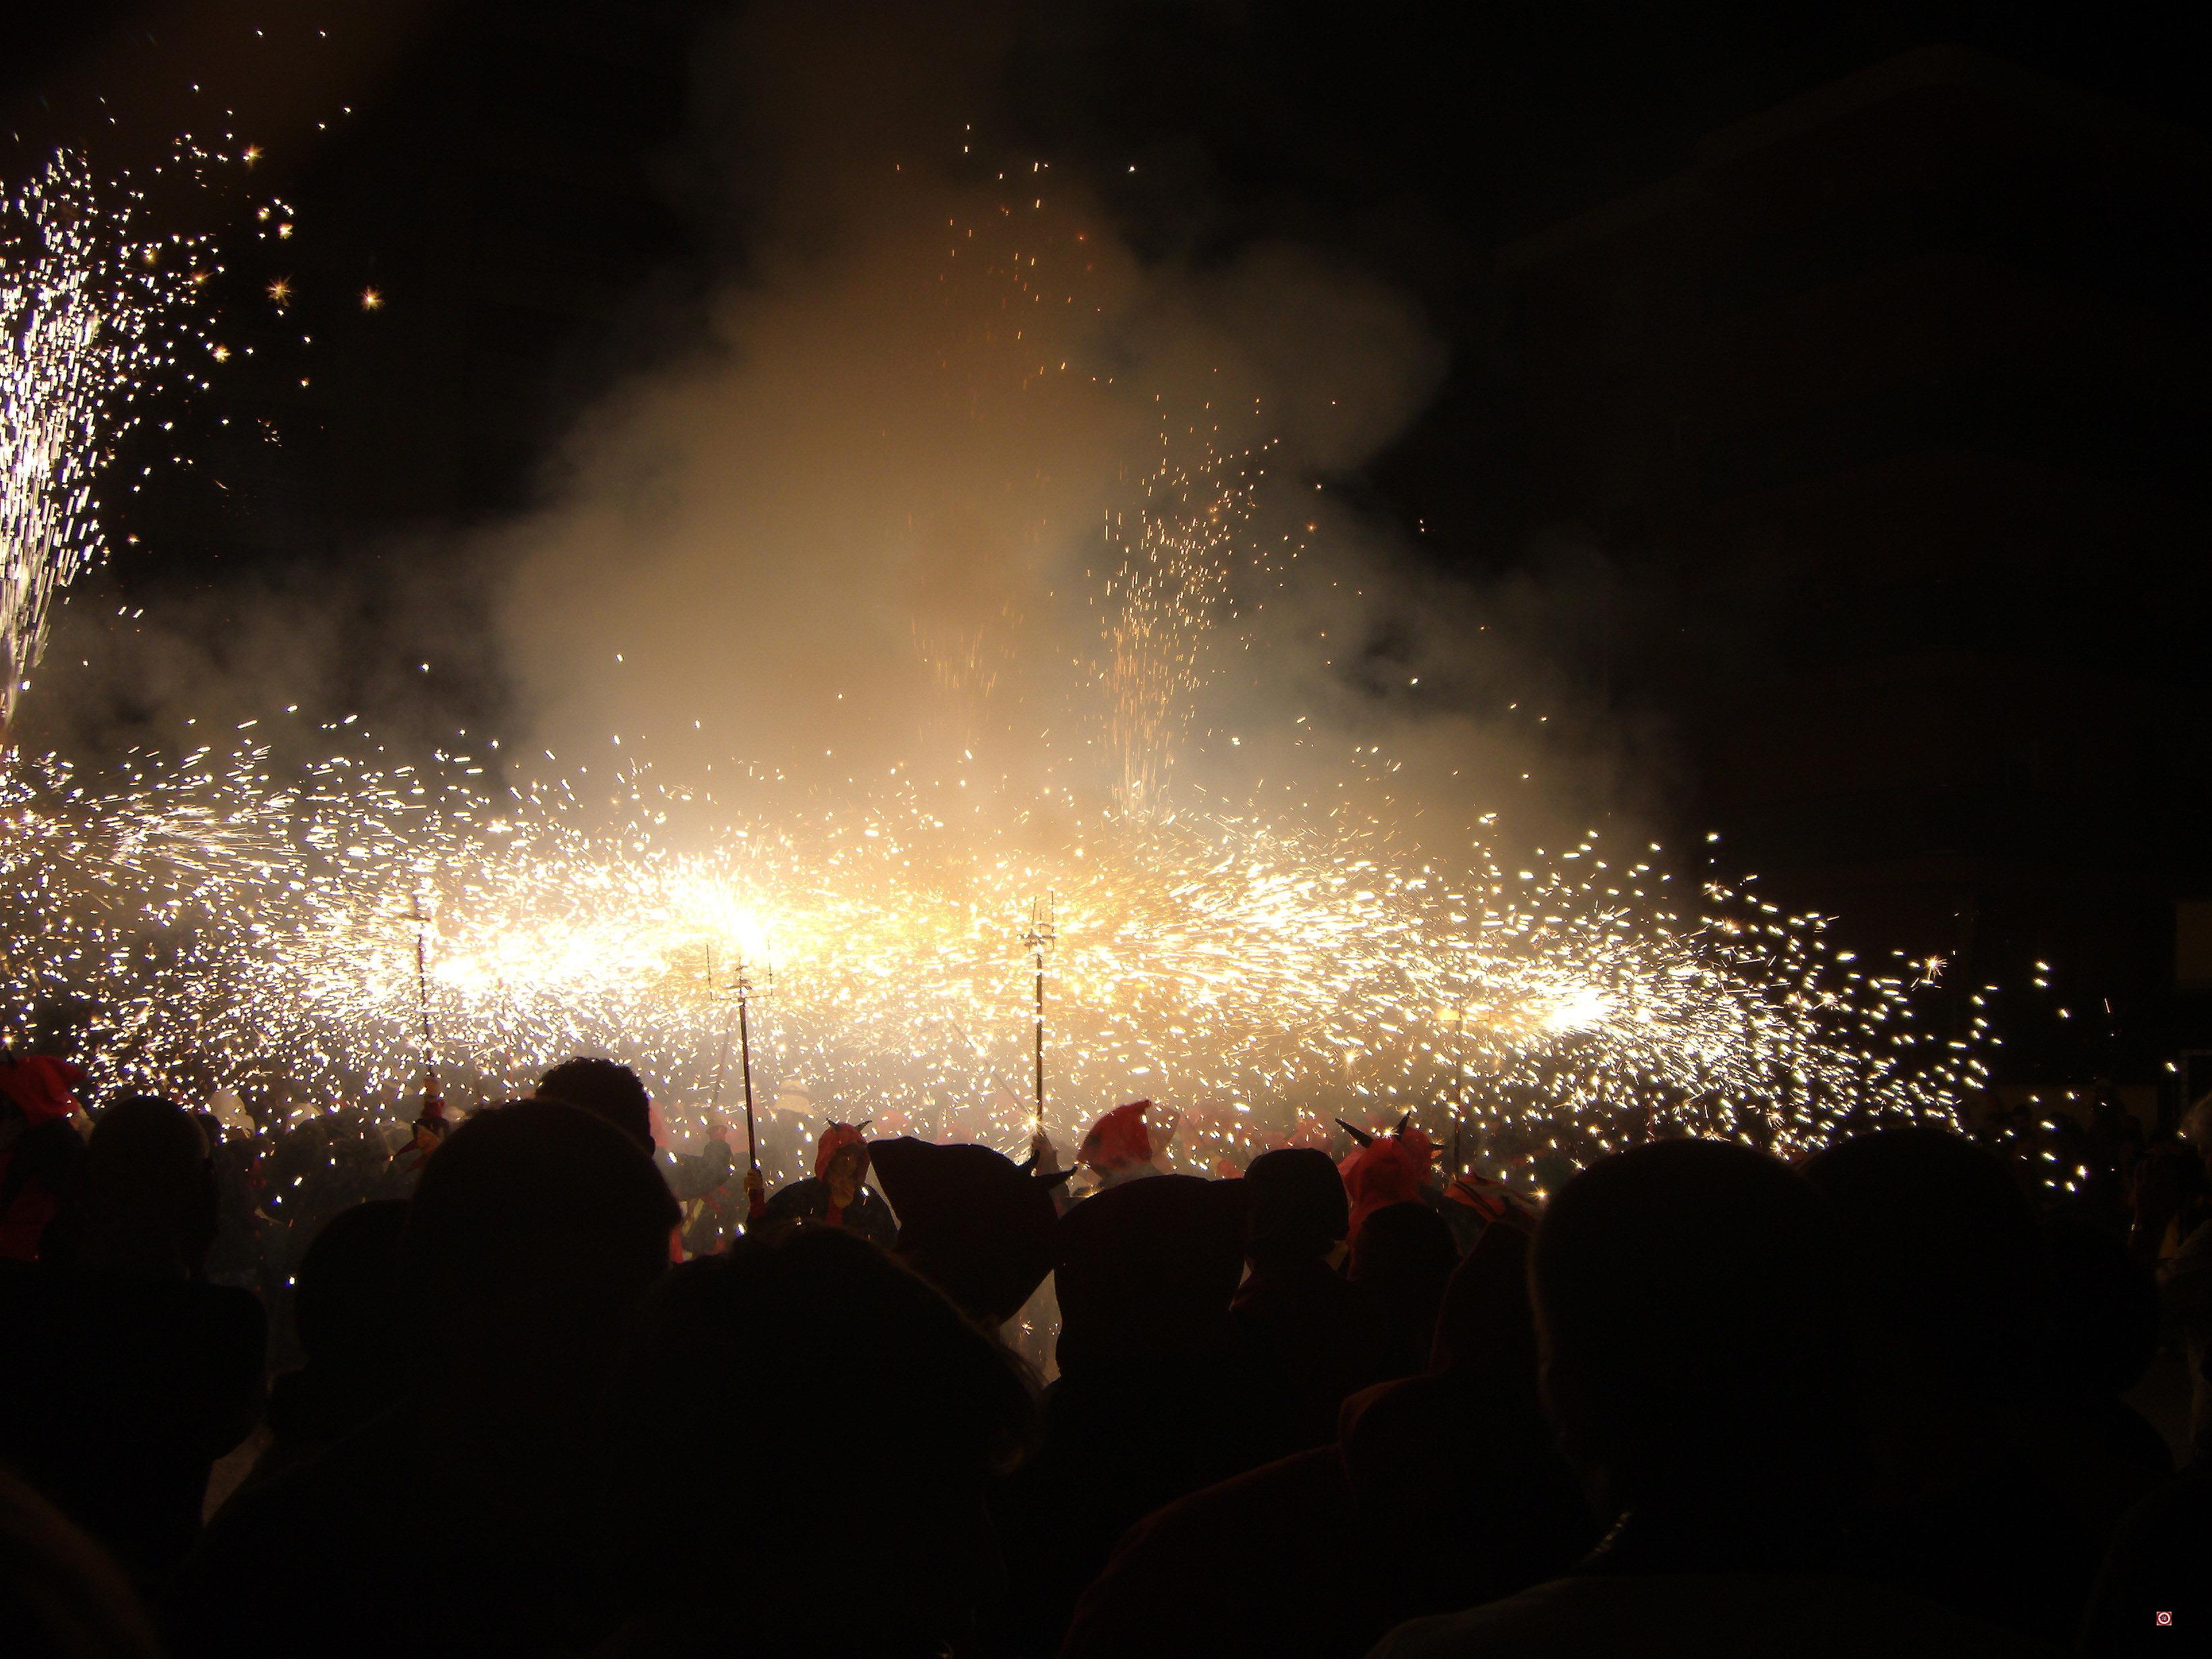 Johannisnacht - Noche de San Juan